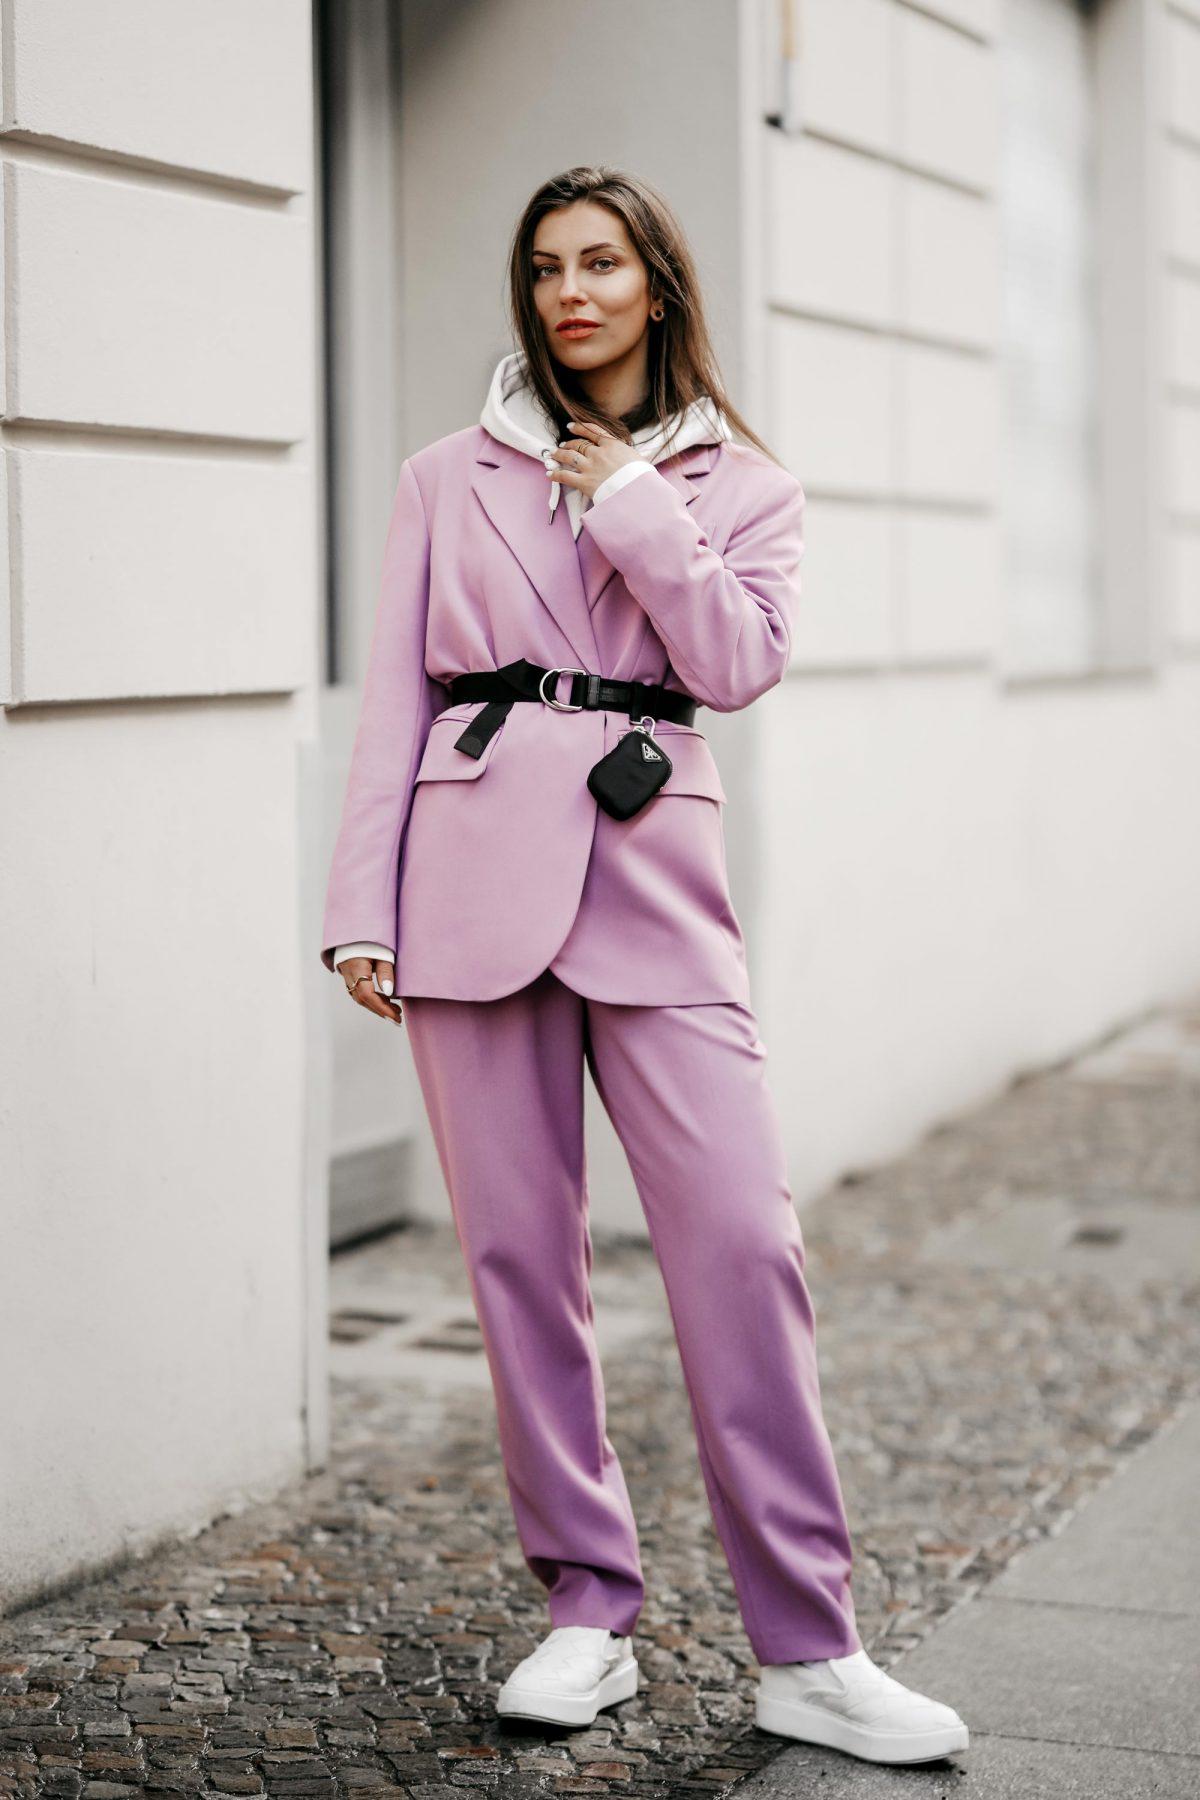 Spring Uniform: Lilac Suit